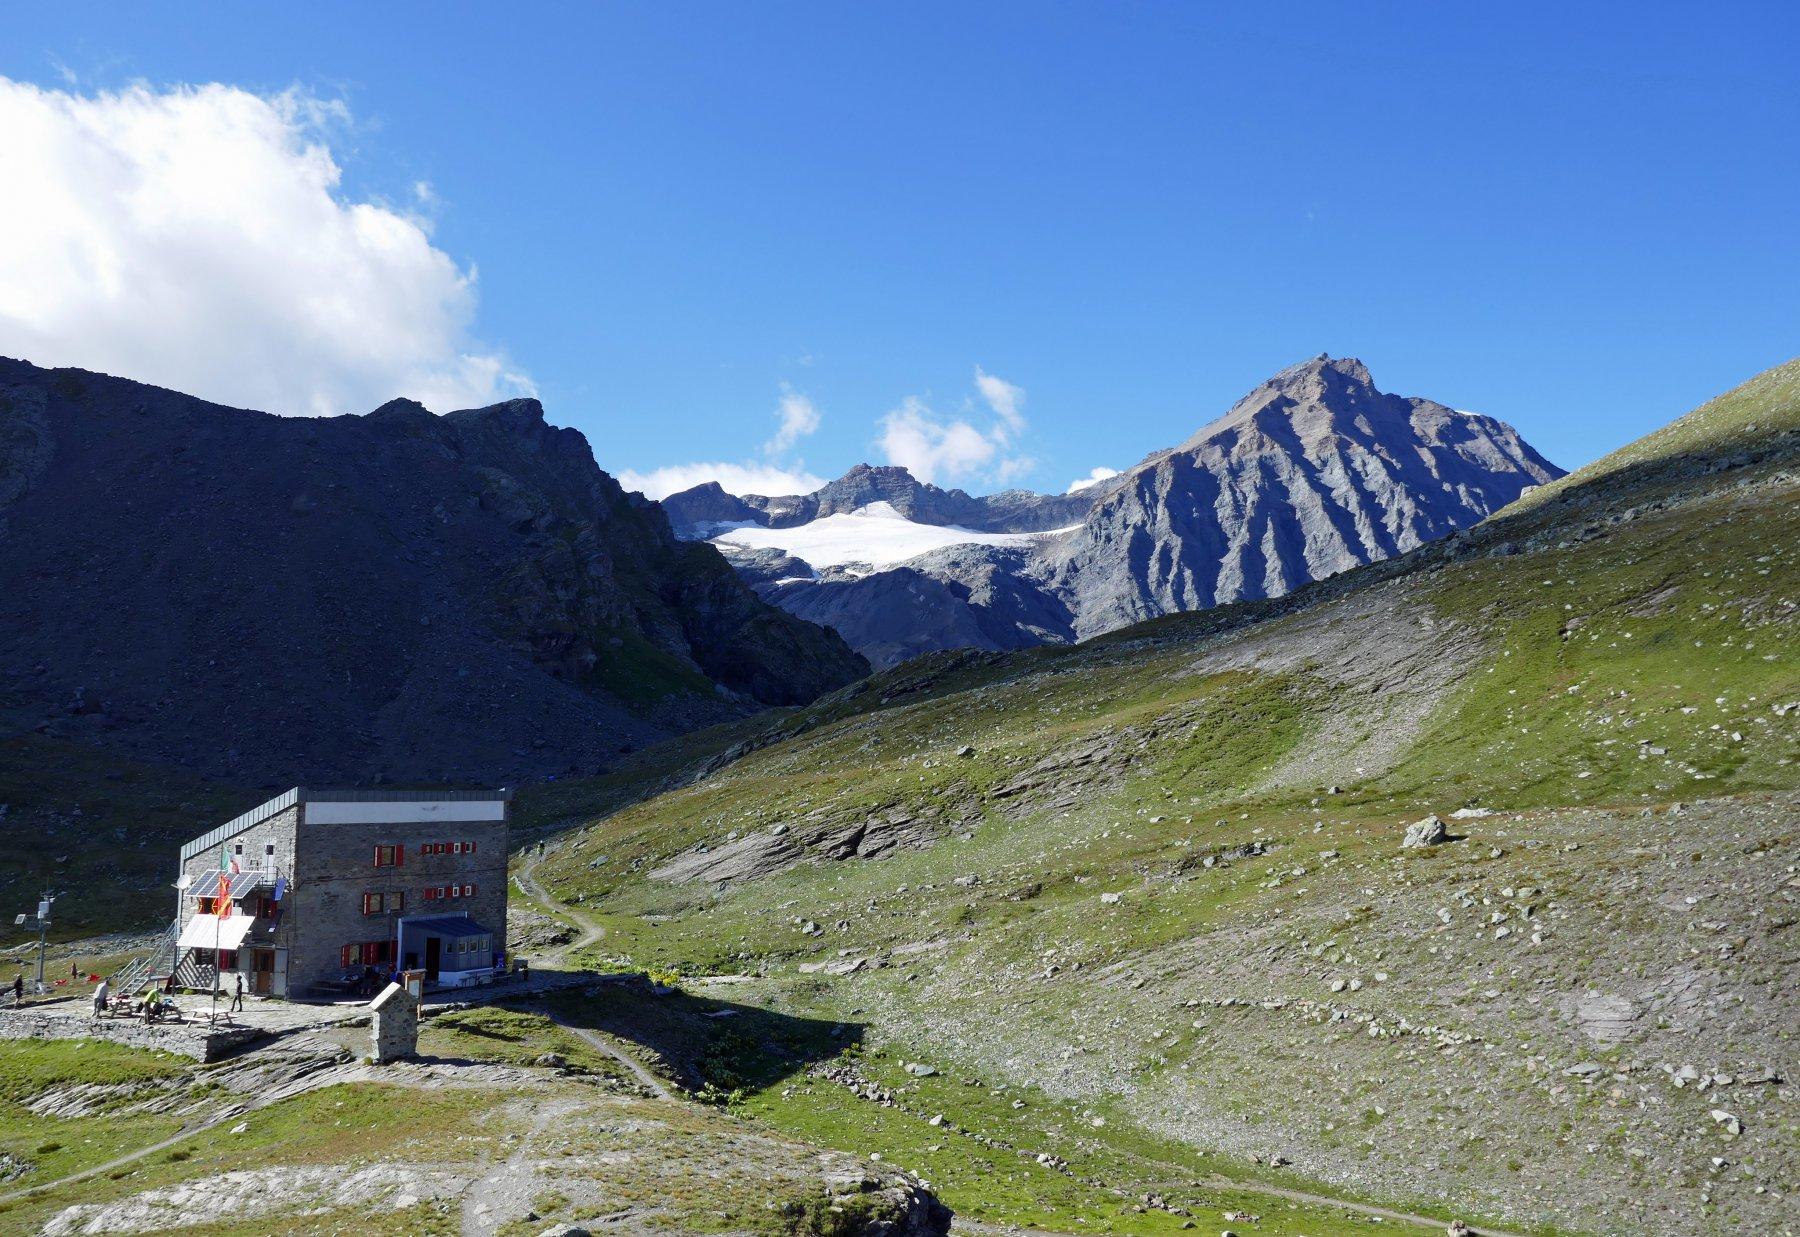 Il rifugio Gastaldi e la Ciamarella sulla destra